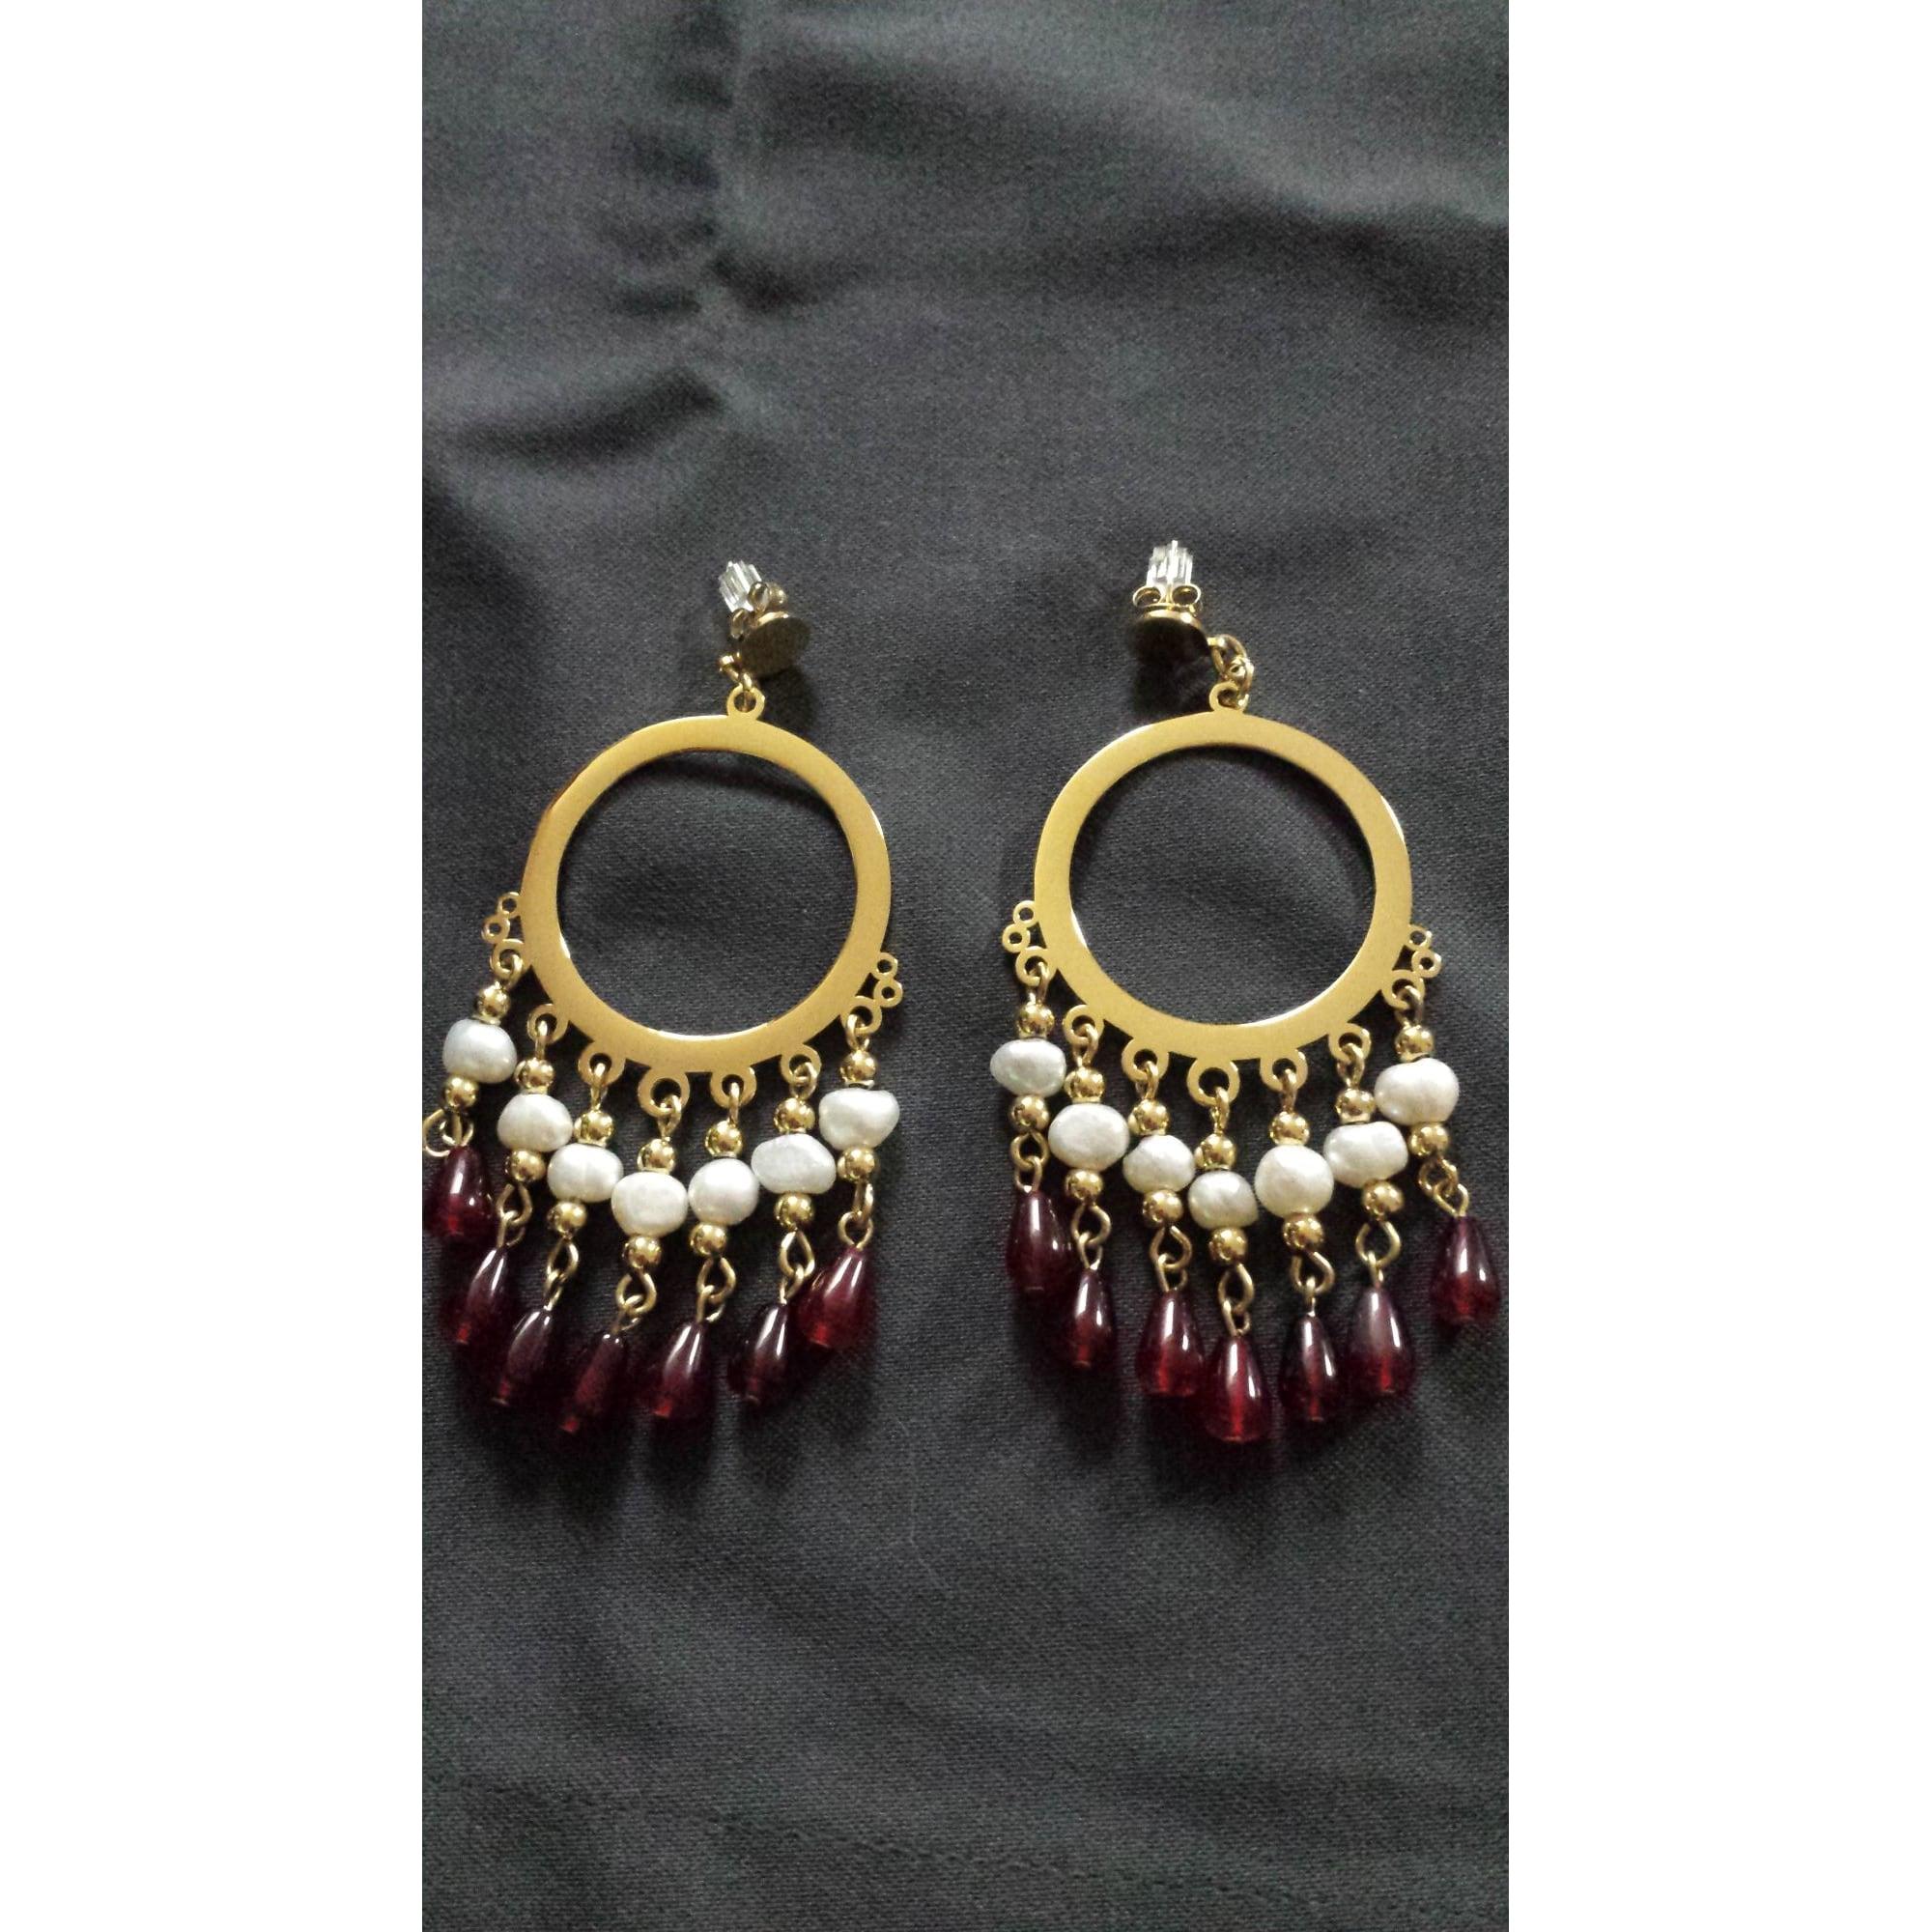 Boucles d'oreille ZABOK acier doré